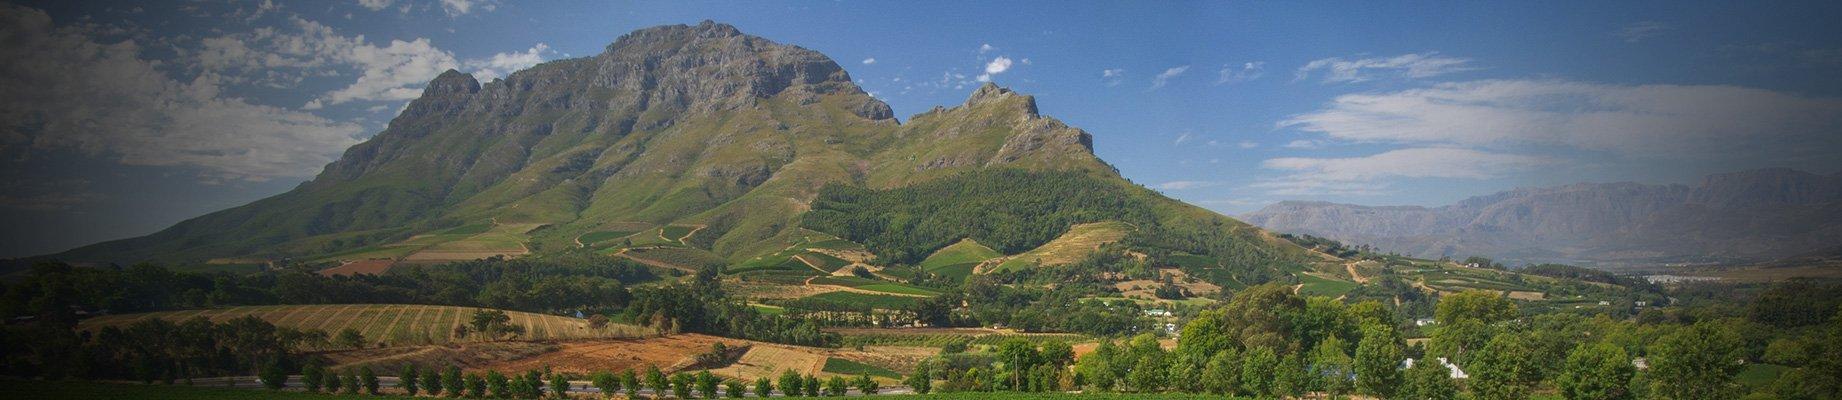 Top outdoor activities  to do in Stellenbosch